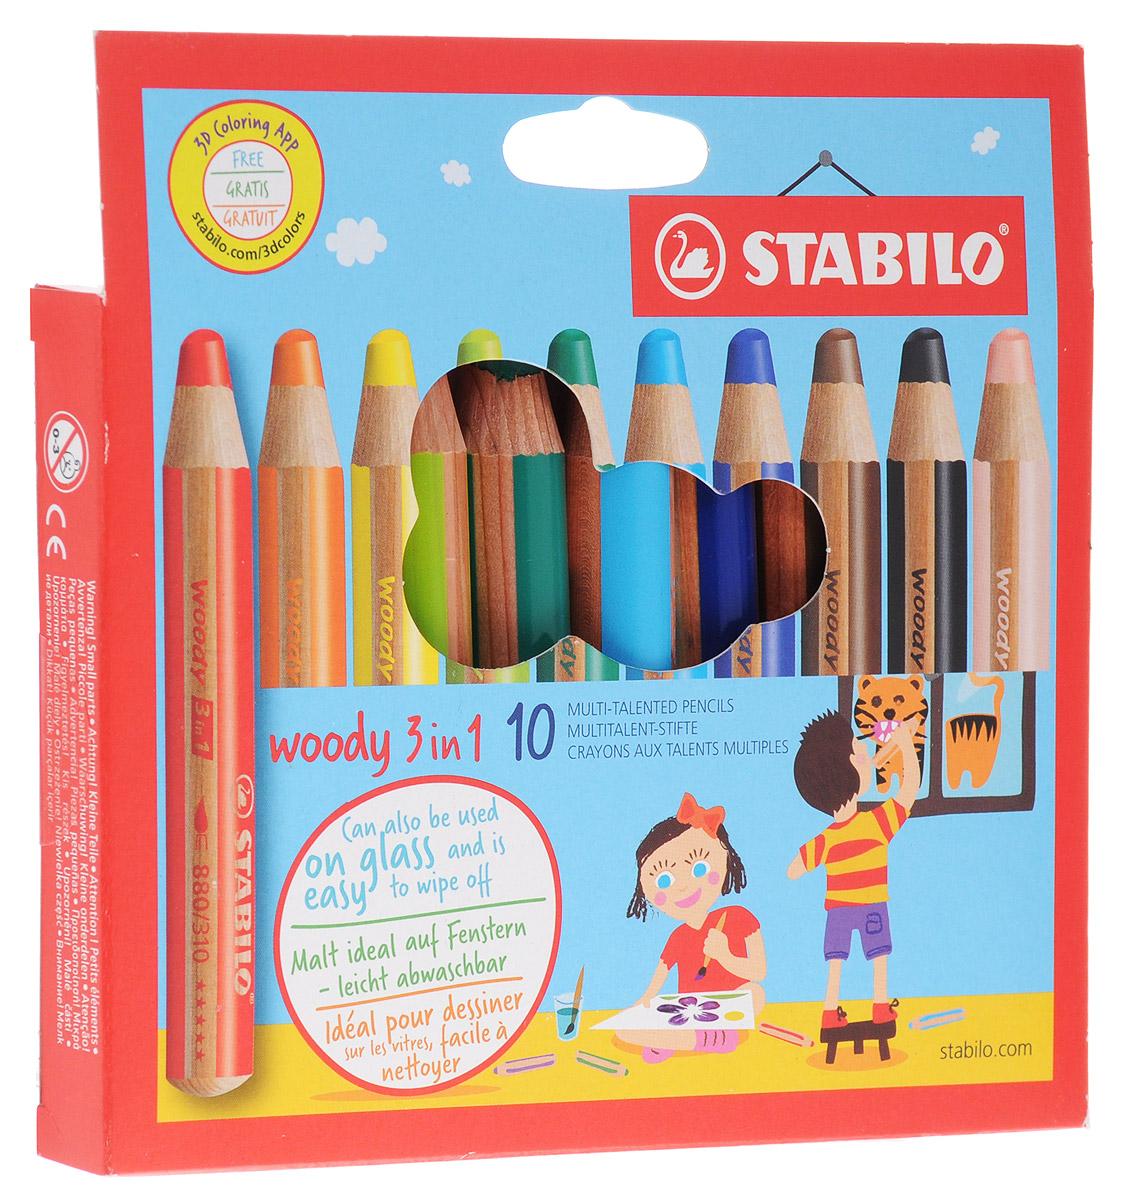 Супертолстый цветной карандаш, акварель и восковой мелок в одном. Это уникальные карандаши, сочетающие в себе возможности цветных карандашей, акварельных красок и восковых мелков. Пишут практически на всех гладких поверхностях, включая стекло! Обеспечивают великолепный результат на темной бумаге благодаря исключительной яркости и интенсивности цвета. Великолепные акварельные качества. Очень прочный грифель диаметром 10 мм для мягких штрихов. Цвет корпуса карандаша соответствует цвету грифеля. Набор из 10 карандашей.